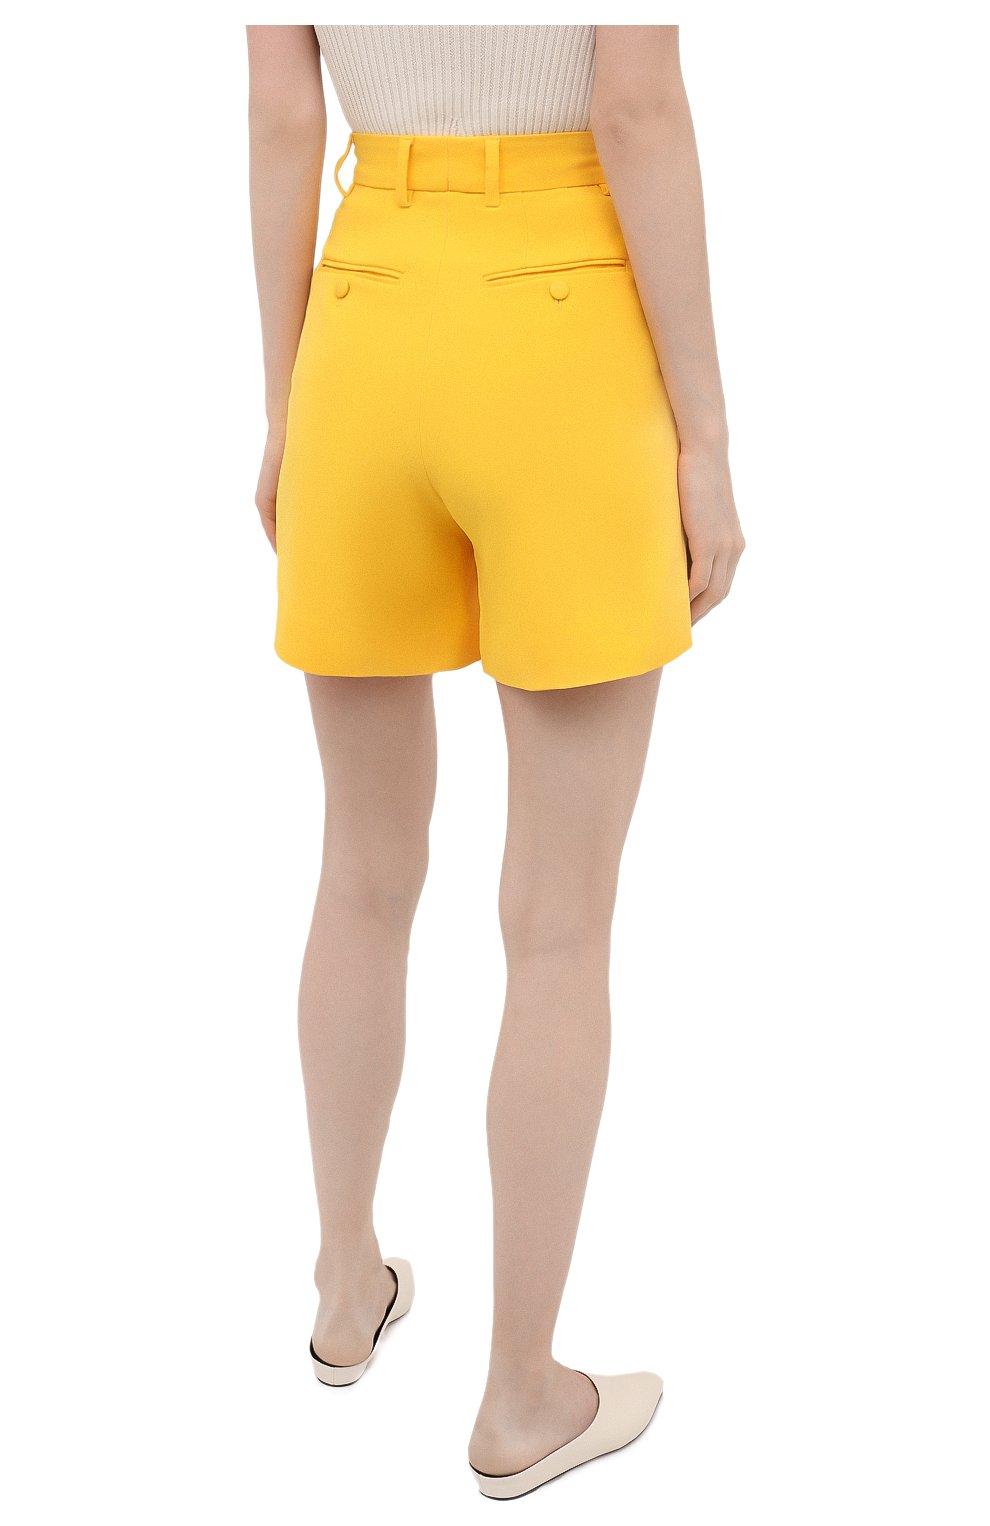 Женские шорты DOLCE & GABBANA желтого цвета, арт. FTB12T/FURDV | Фото 4 (Женское Кросс-КТ: Шорты-одежда; Стили: Гламурный; Длина Ж (юбки, платья, шорты): Мини; Материал внешний: Синтетический материал, Вискоза)